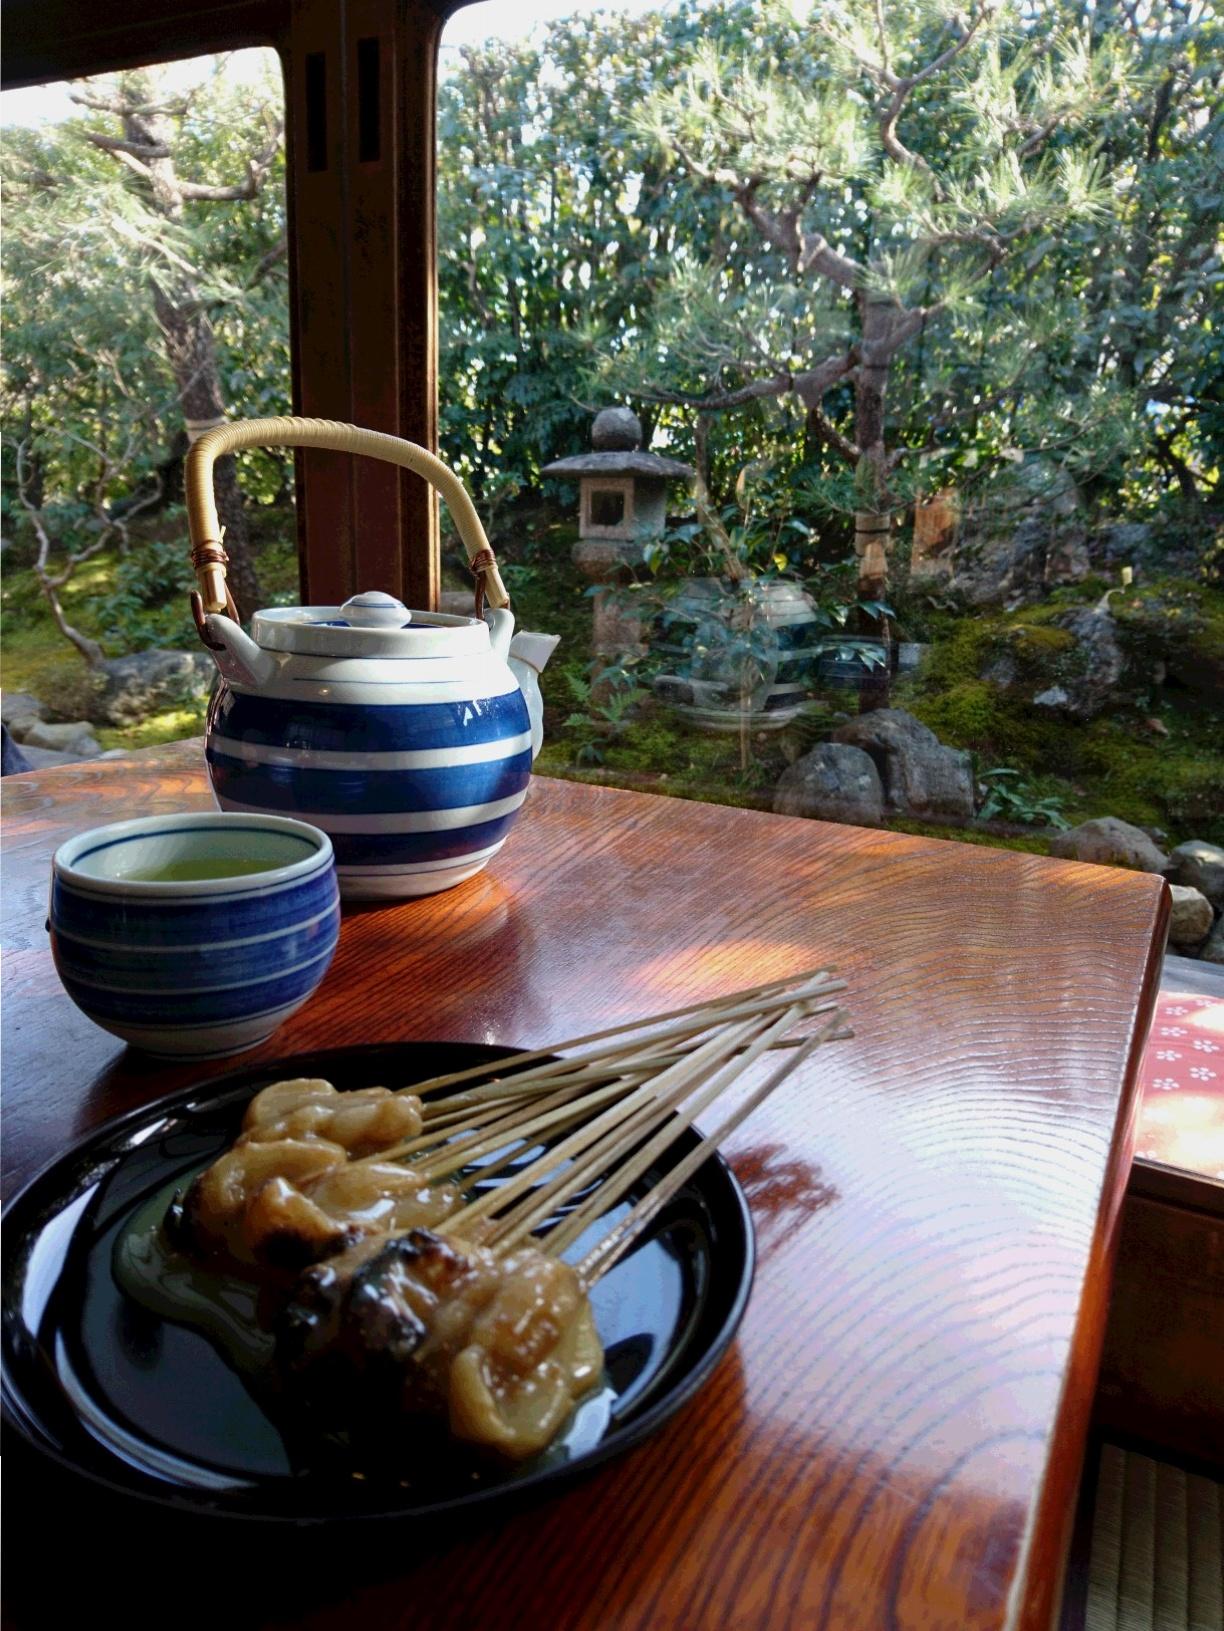 京都女子旅特集《2019年版》- 旅する女子がおすすめする、インスタ映えスポットやカフェ、レンタル着物は?_70